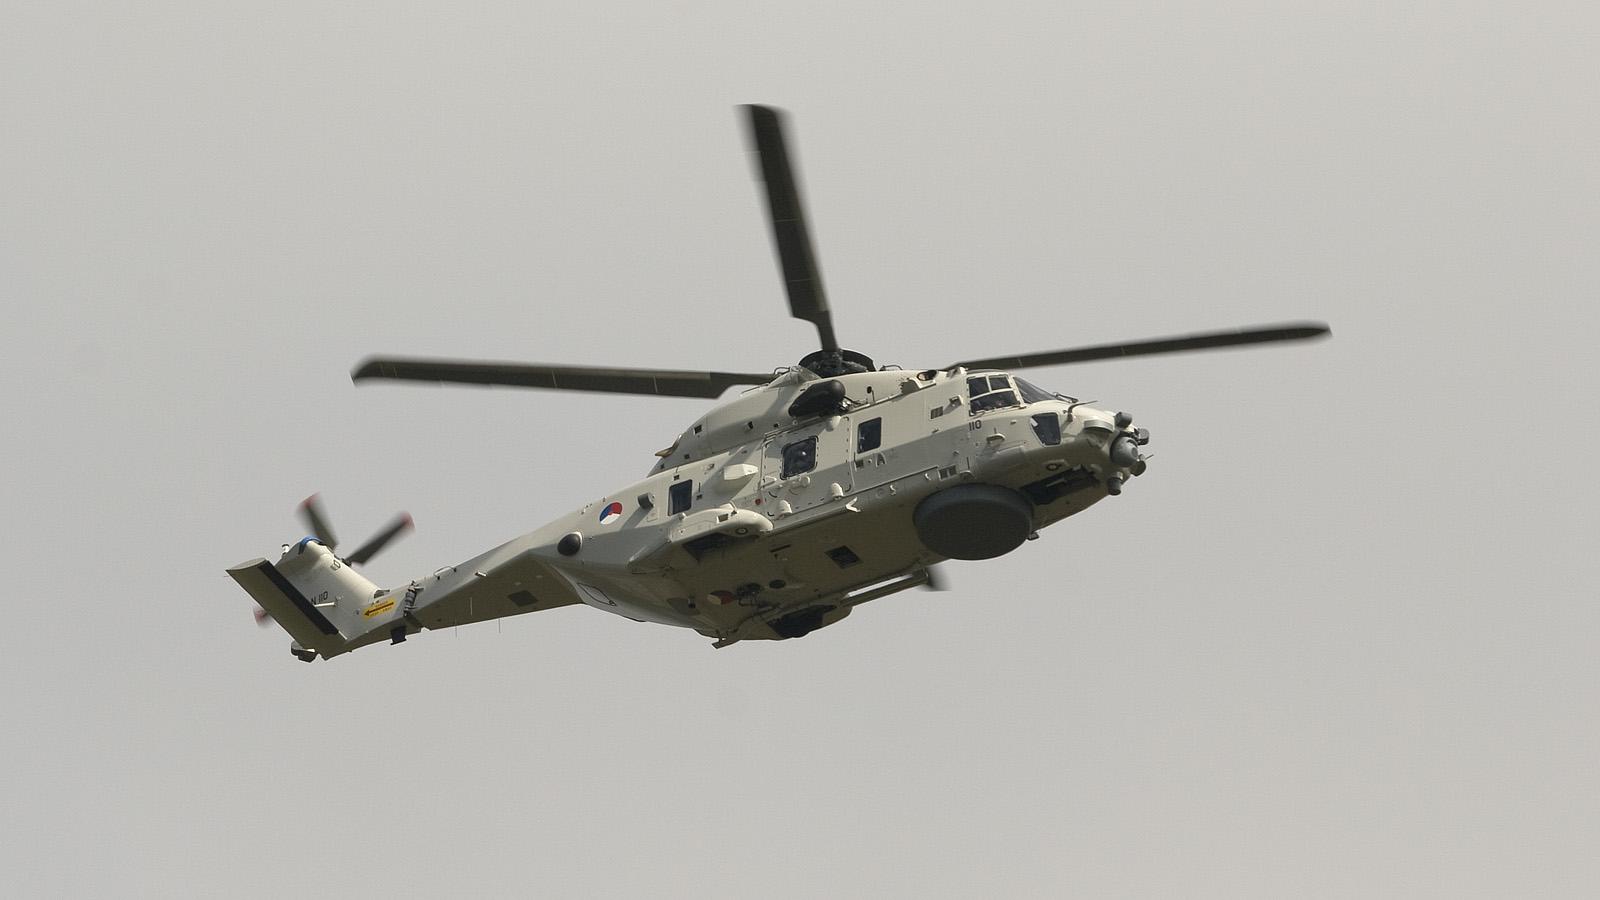 IMGP0542-Gilze10 NH90 Dutch Navy N110